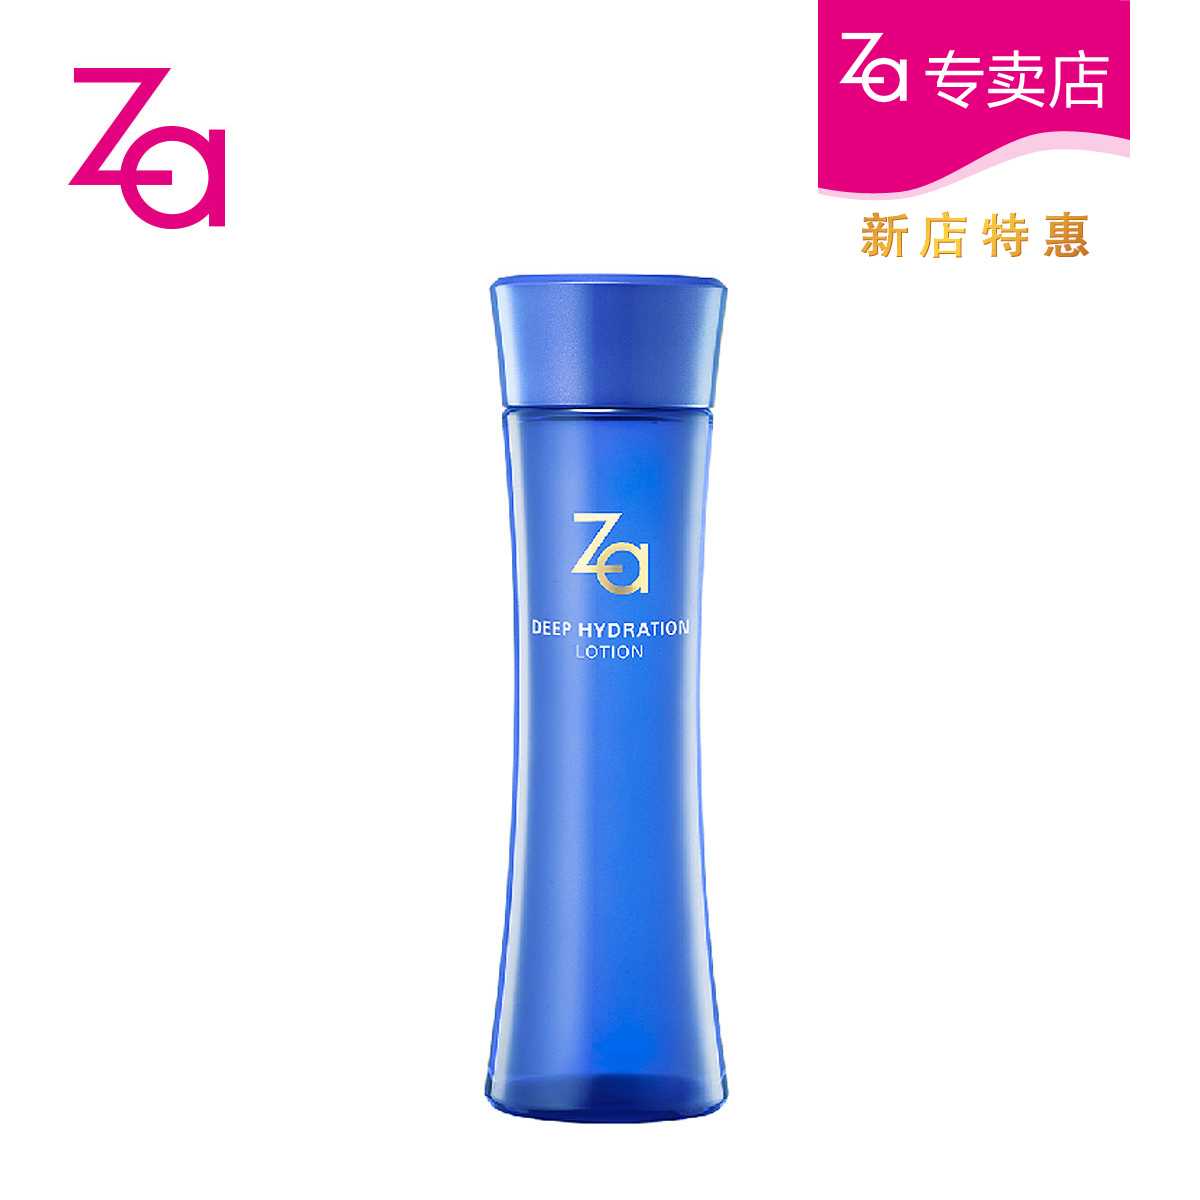 ZA姬芮 恒润娇养化妆水150ml(醇润型) 柔肤高保湿水爽肤水淡纹